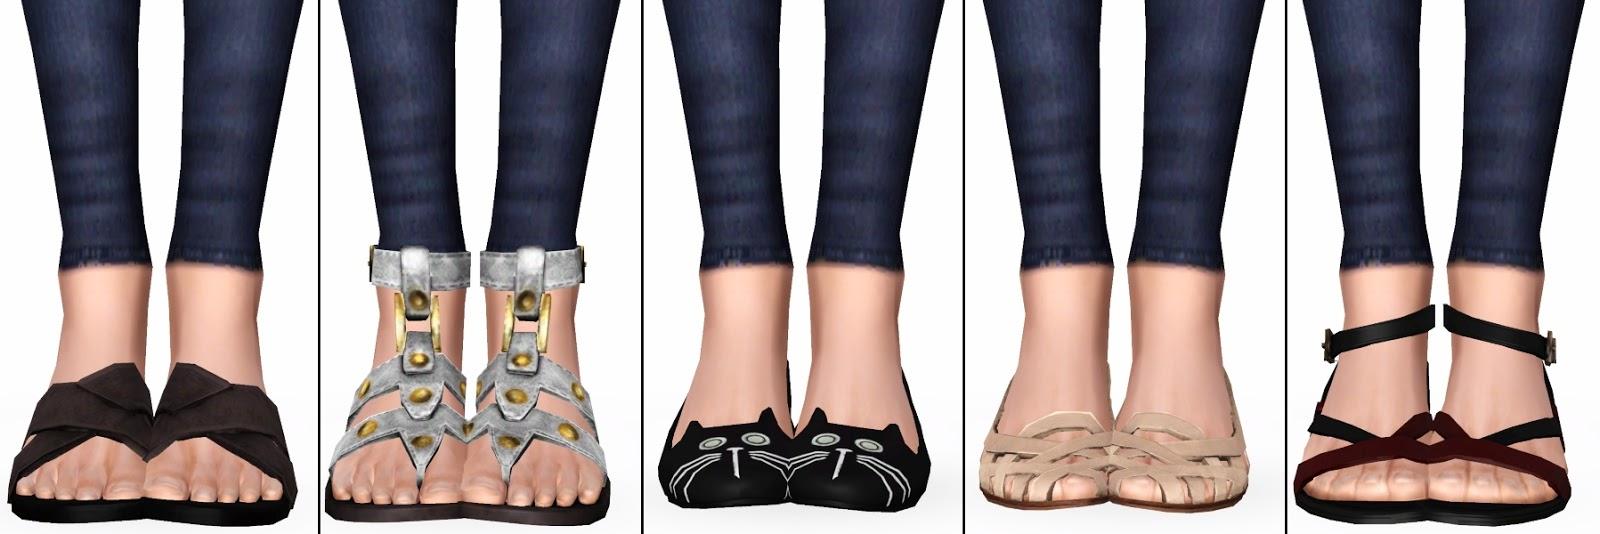 Sims  High Fashion